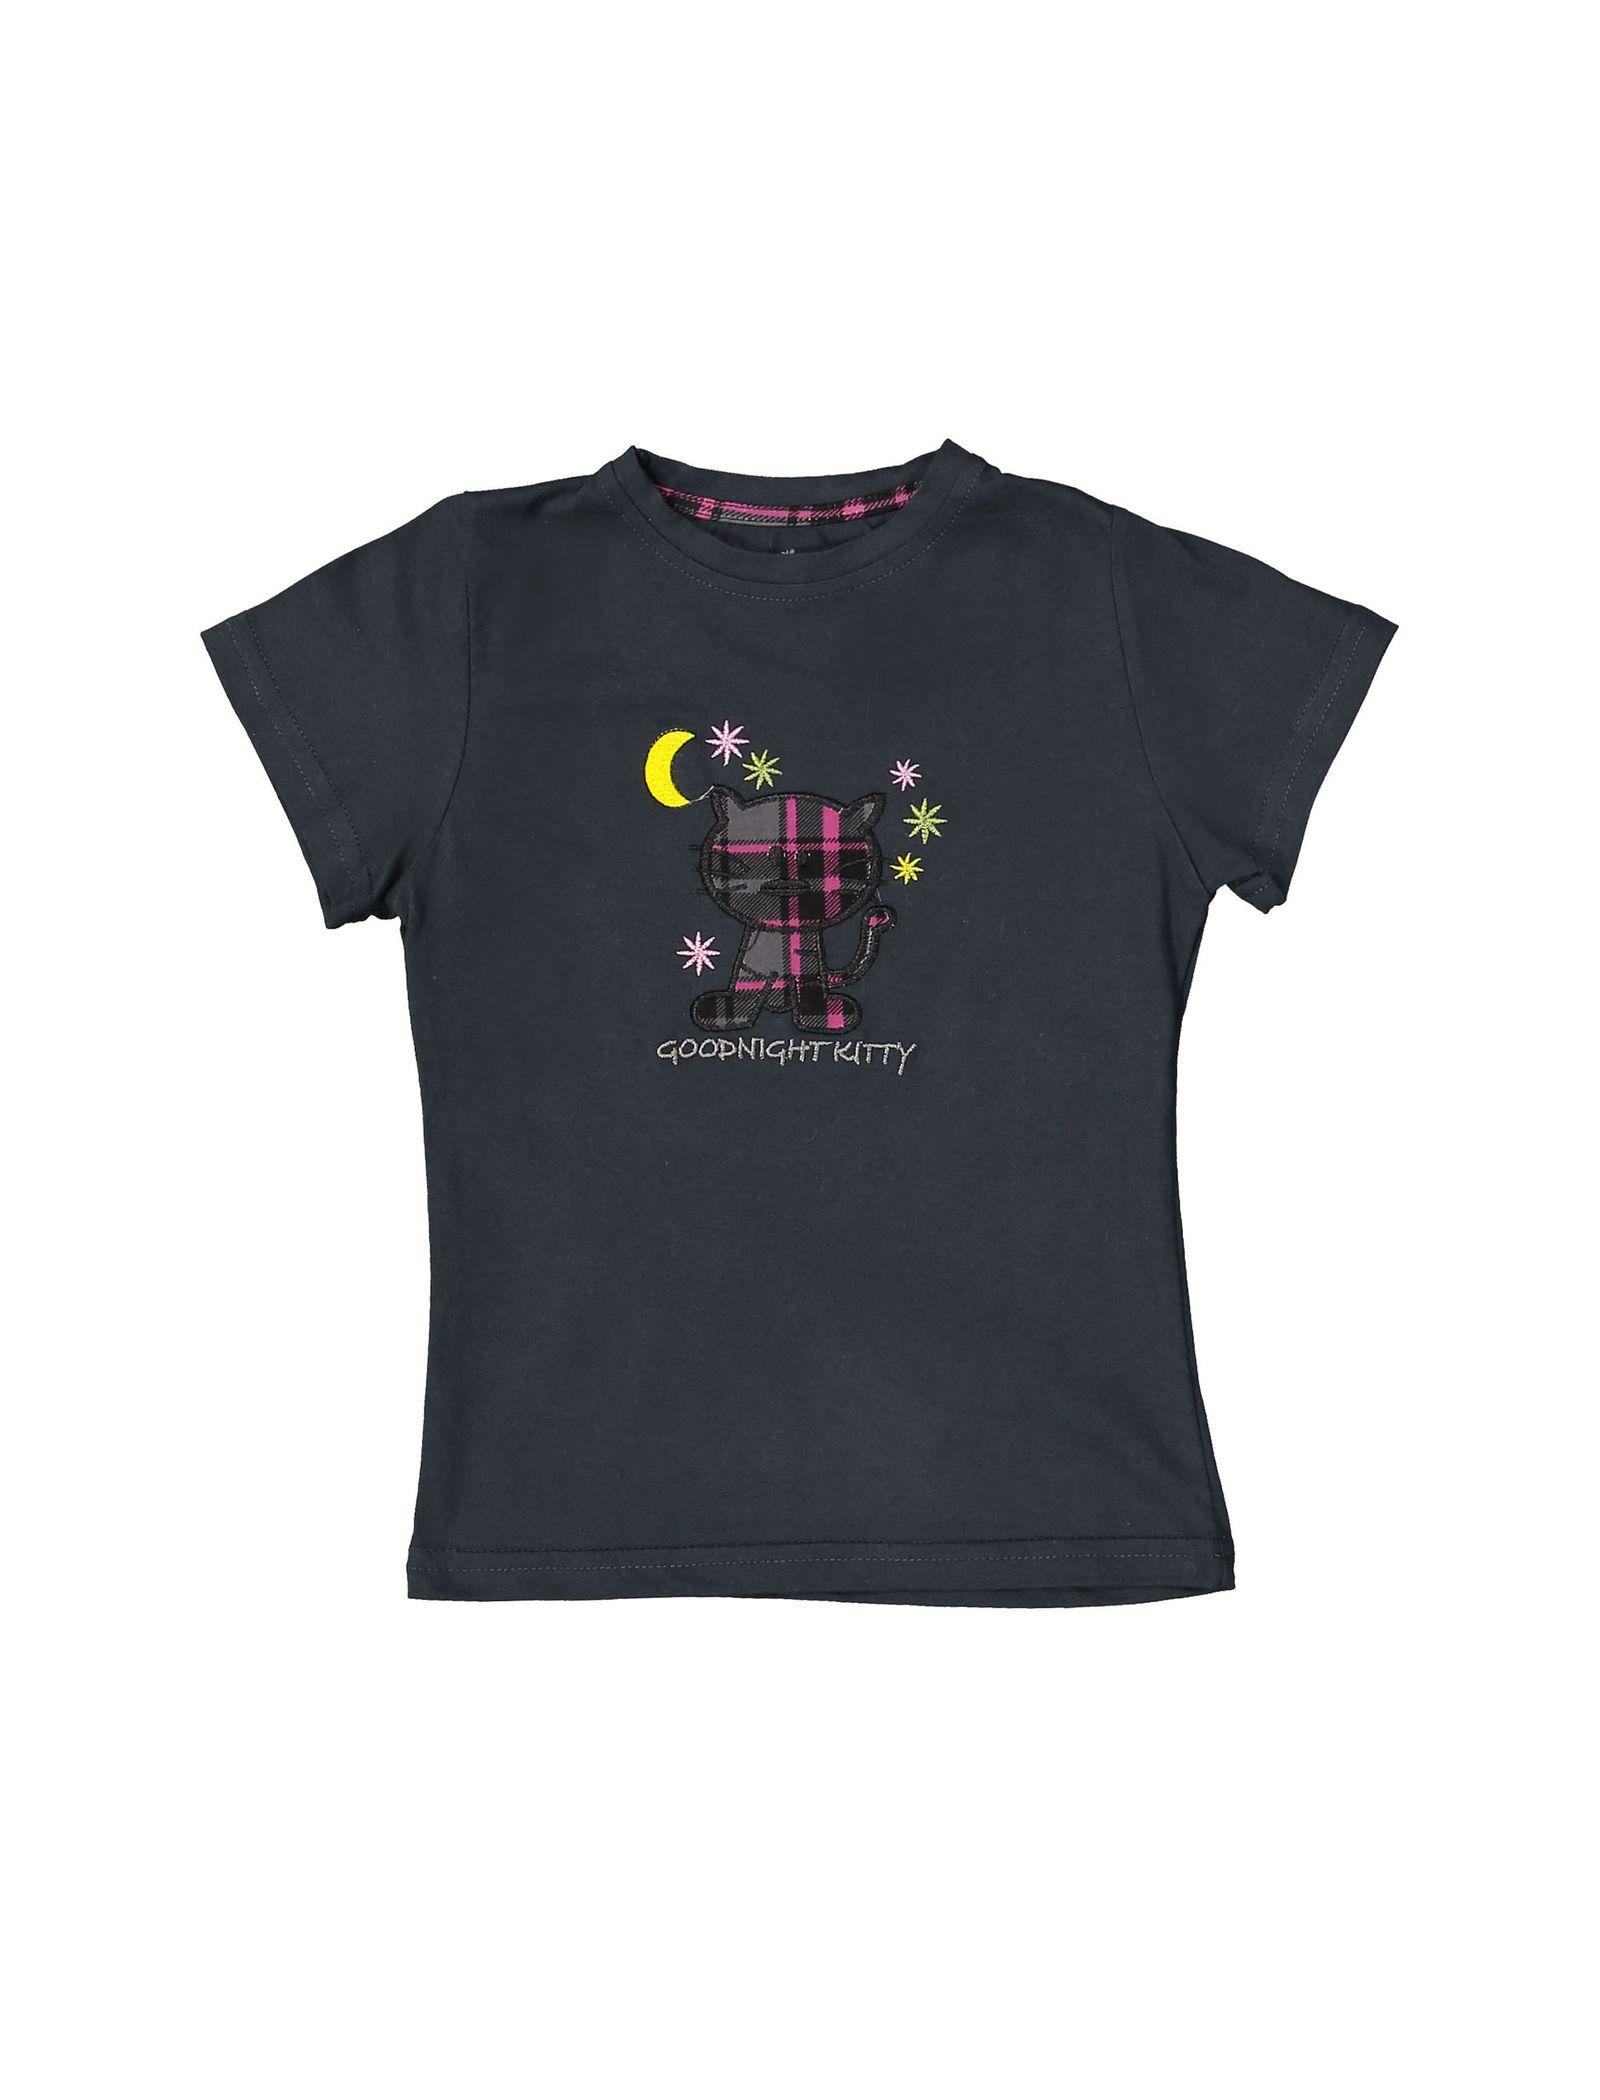 تی شرت و شلوار نخی بچگانه هیربد 1231 - ناربن - زغالي - 2